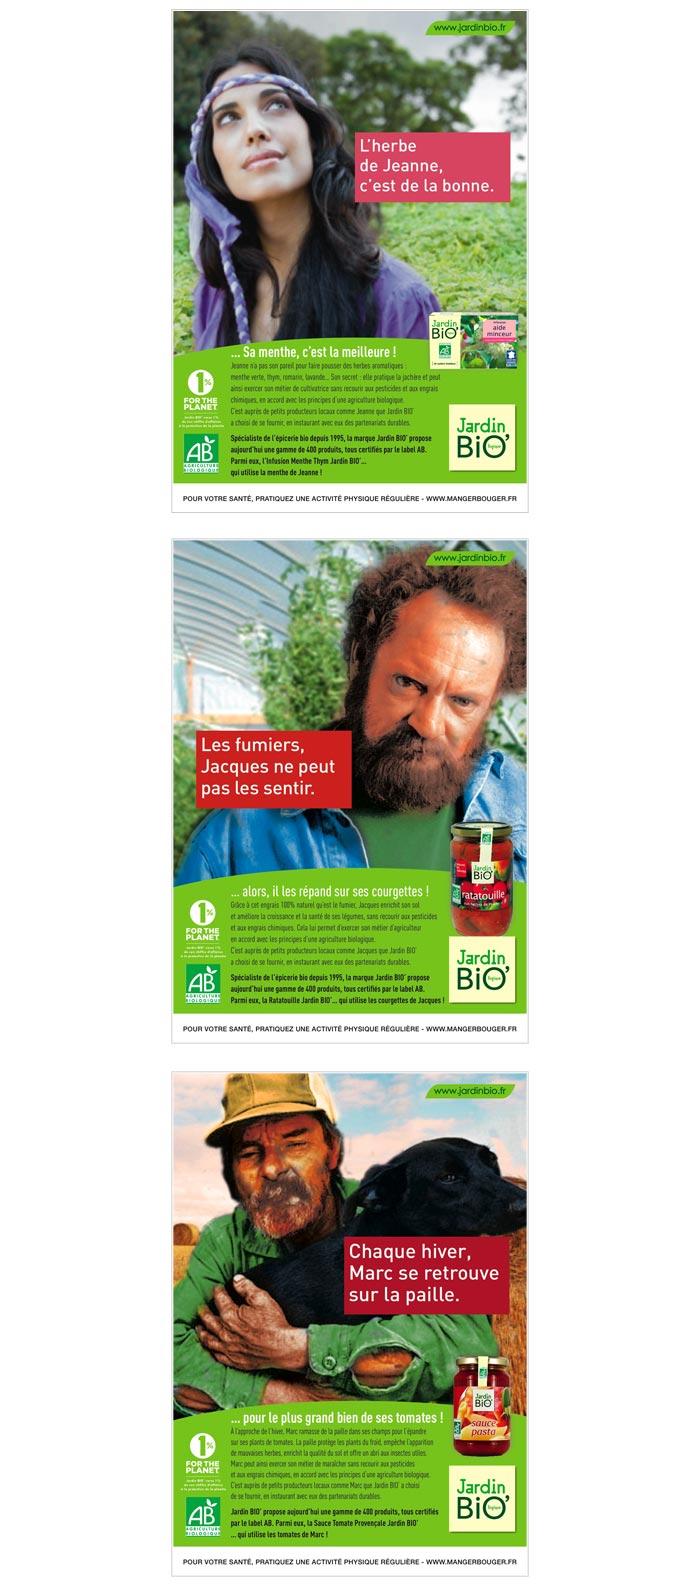 annonce presse publicité pour marque alimentation bio